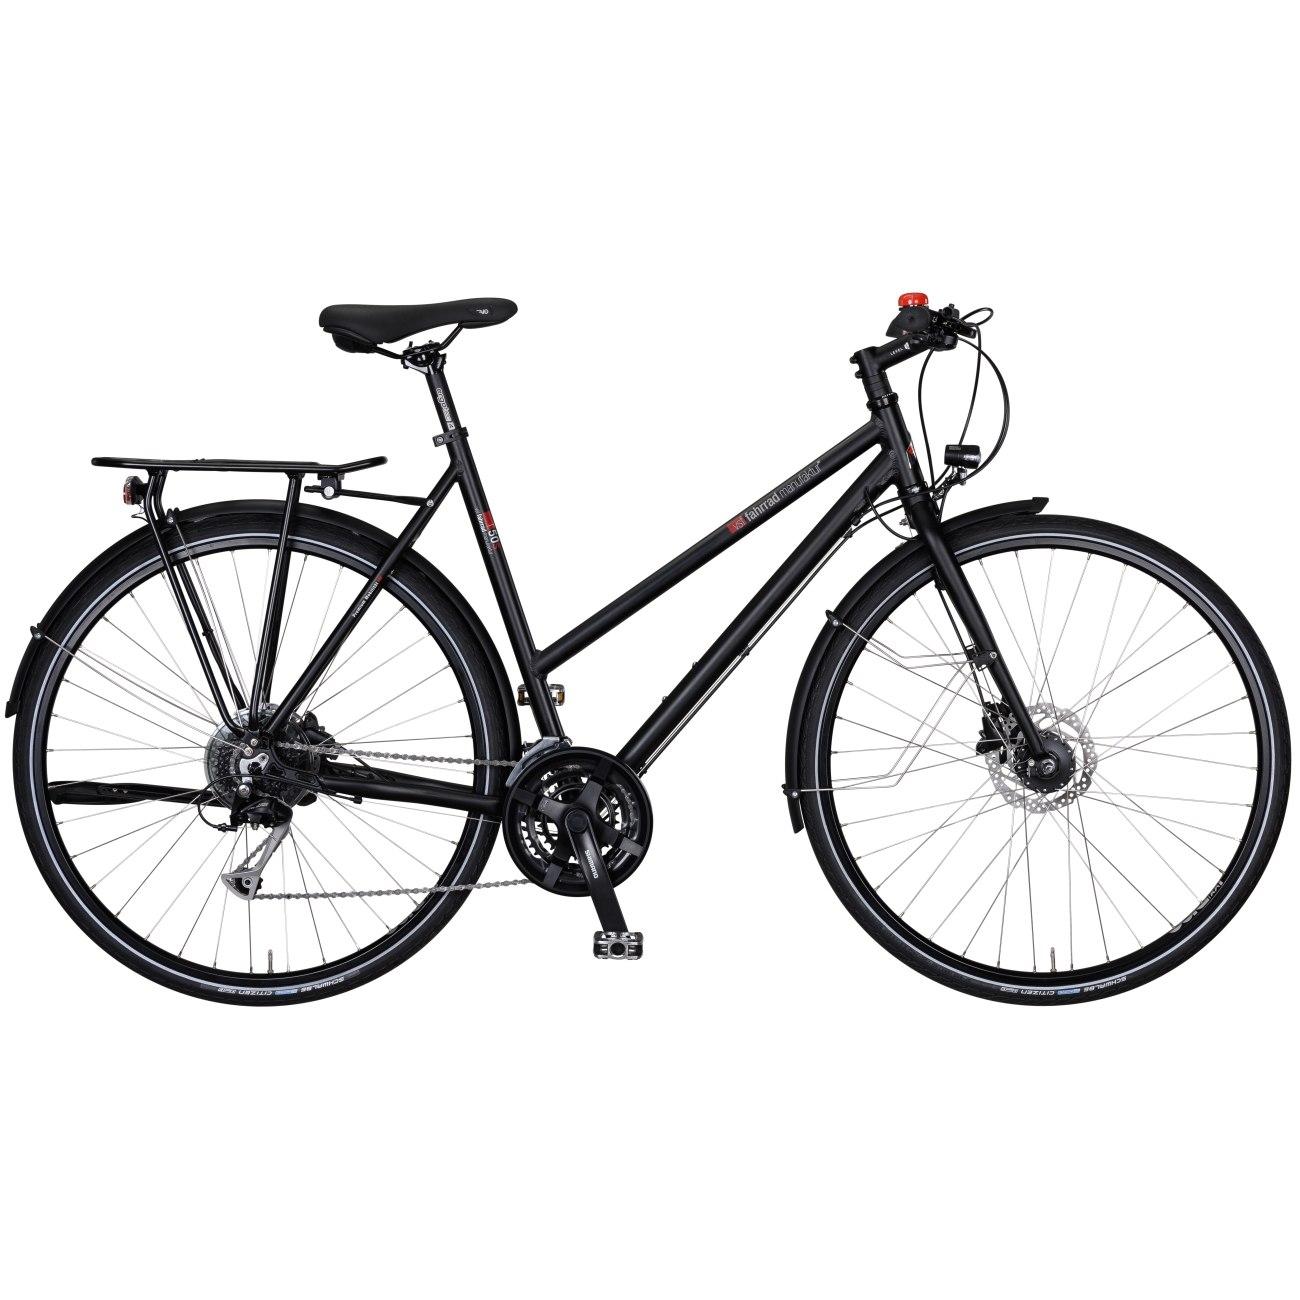 vsf fahrradmanufaktur T-50 Sport Disc Alivio - Damen Trekkingrad - 2021 - ebony matt